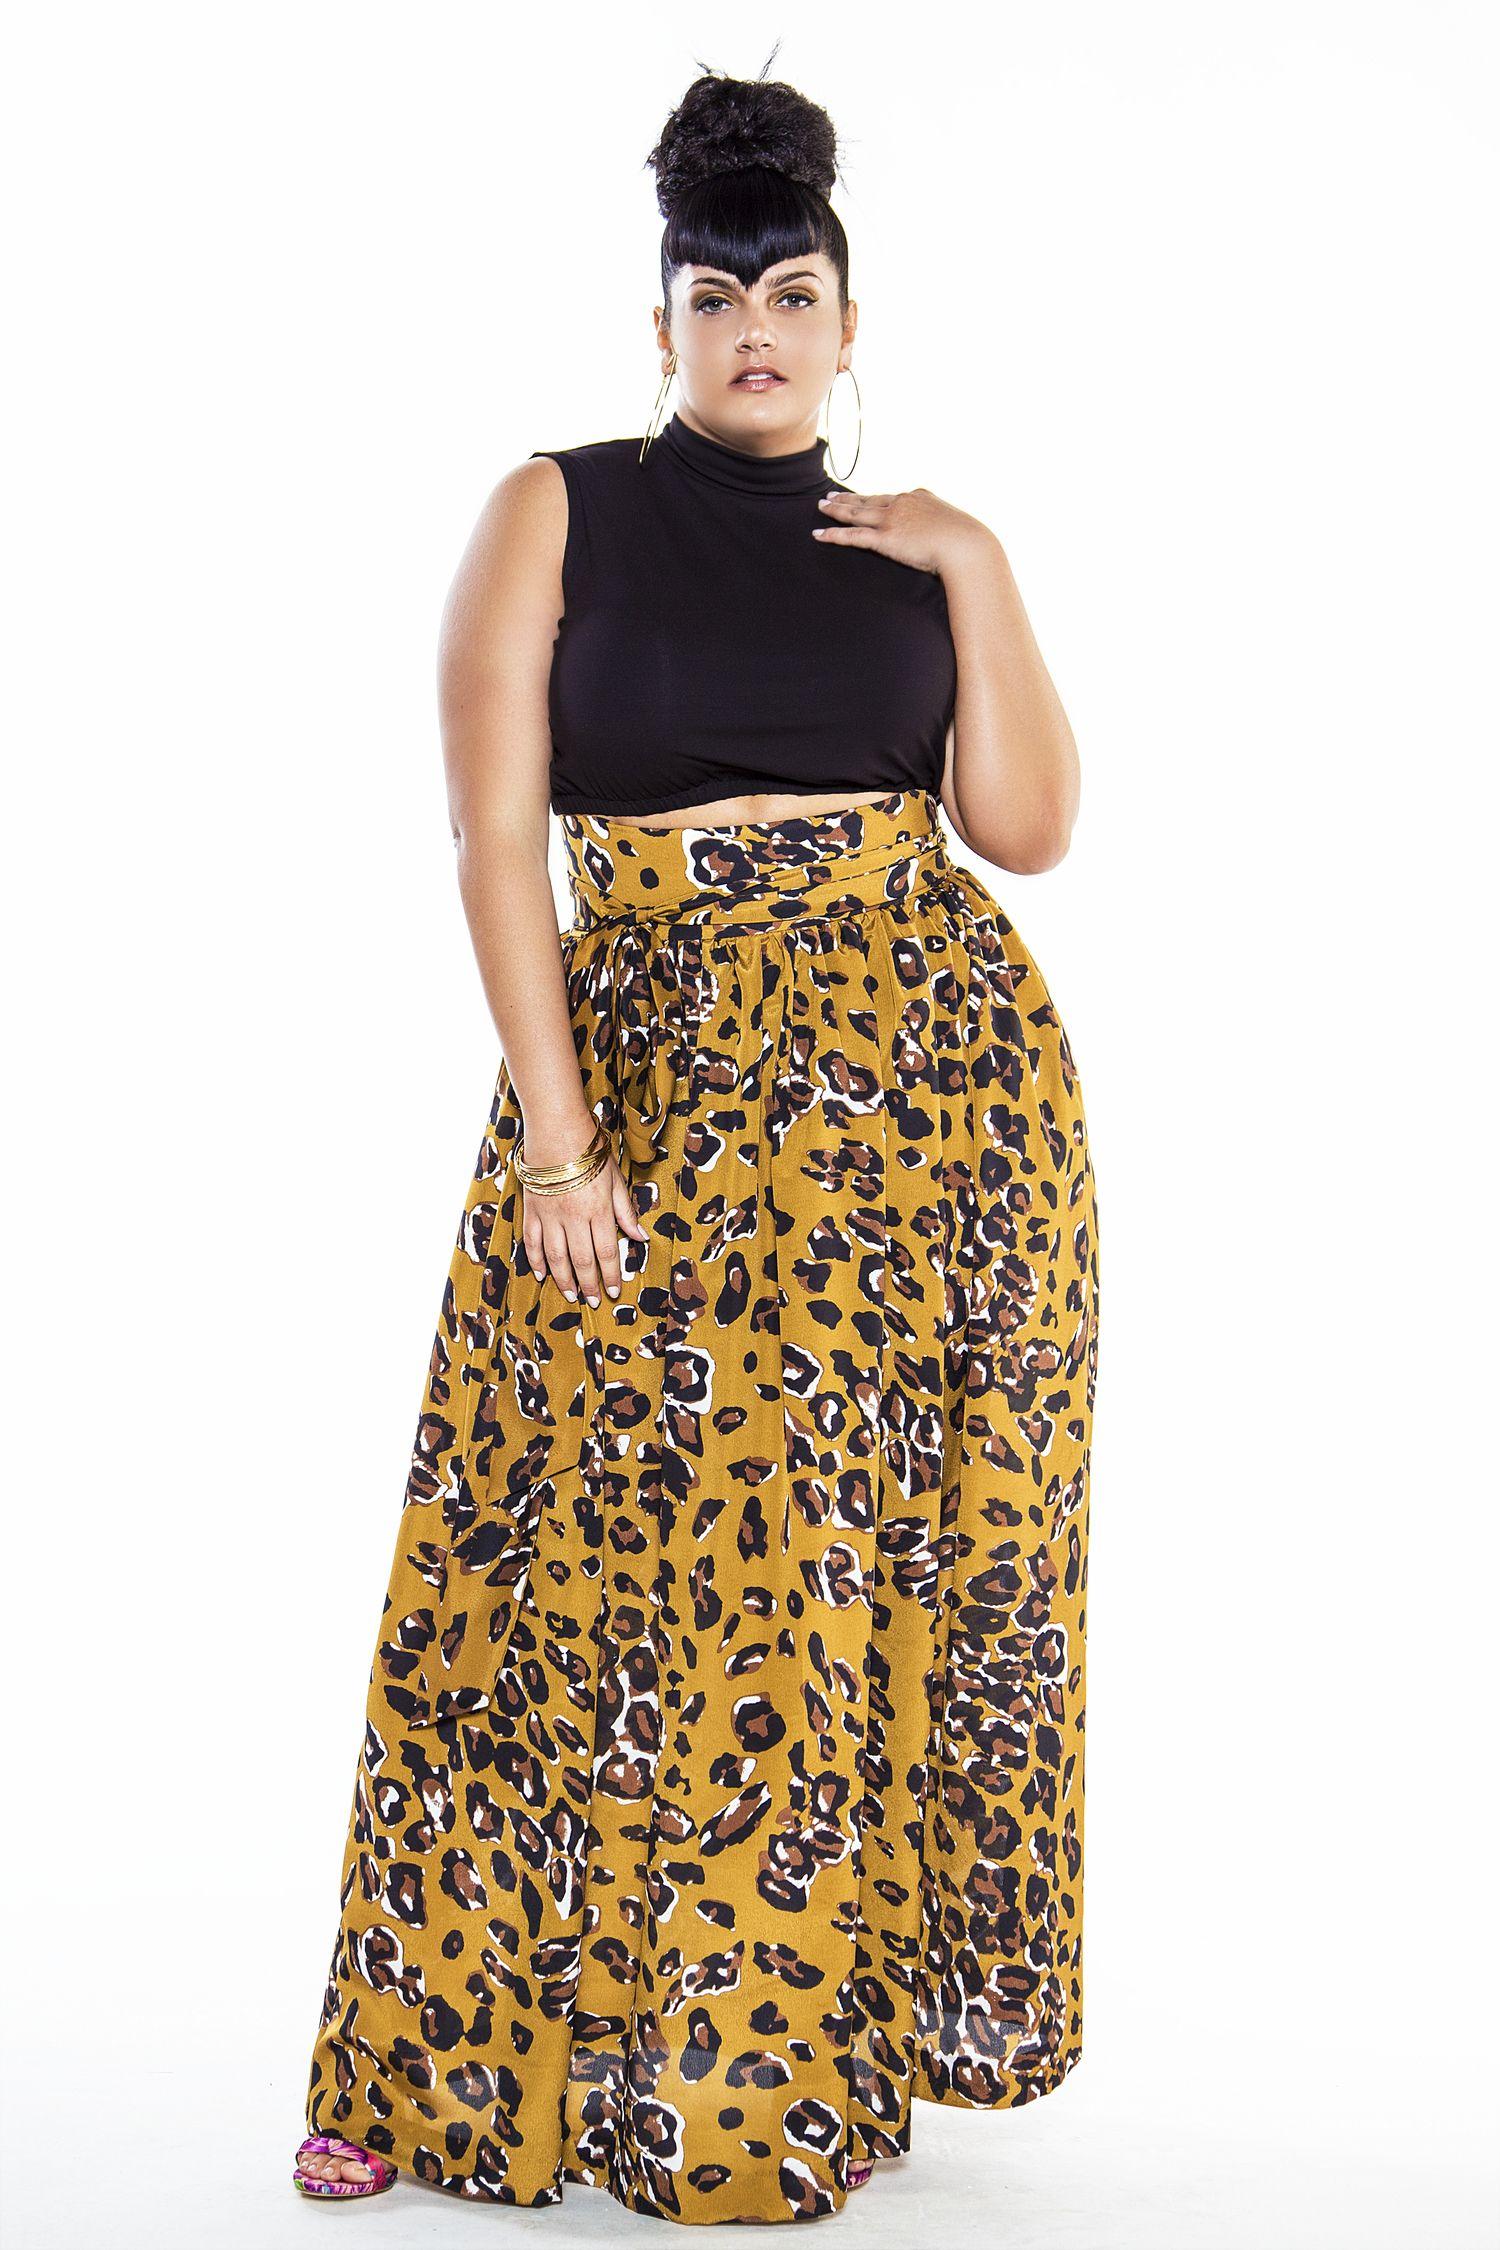 f052d363f7 JIBRI High Waist Animal Print Maxi Skirt